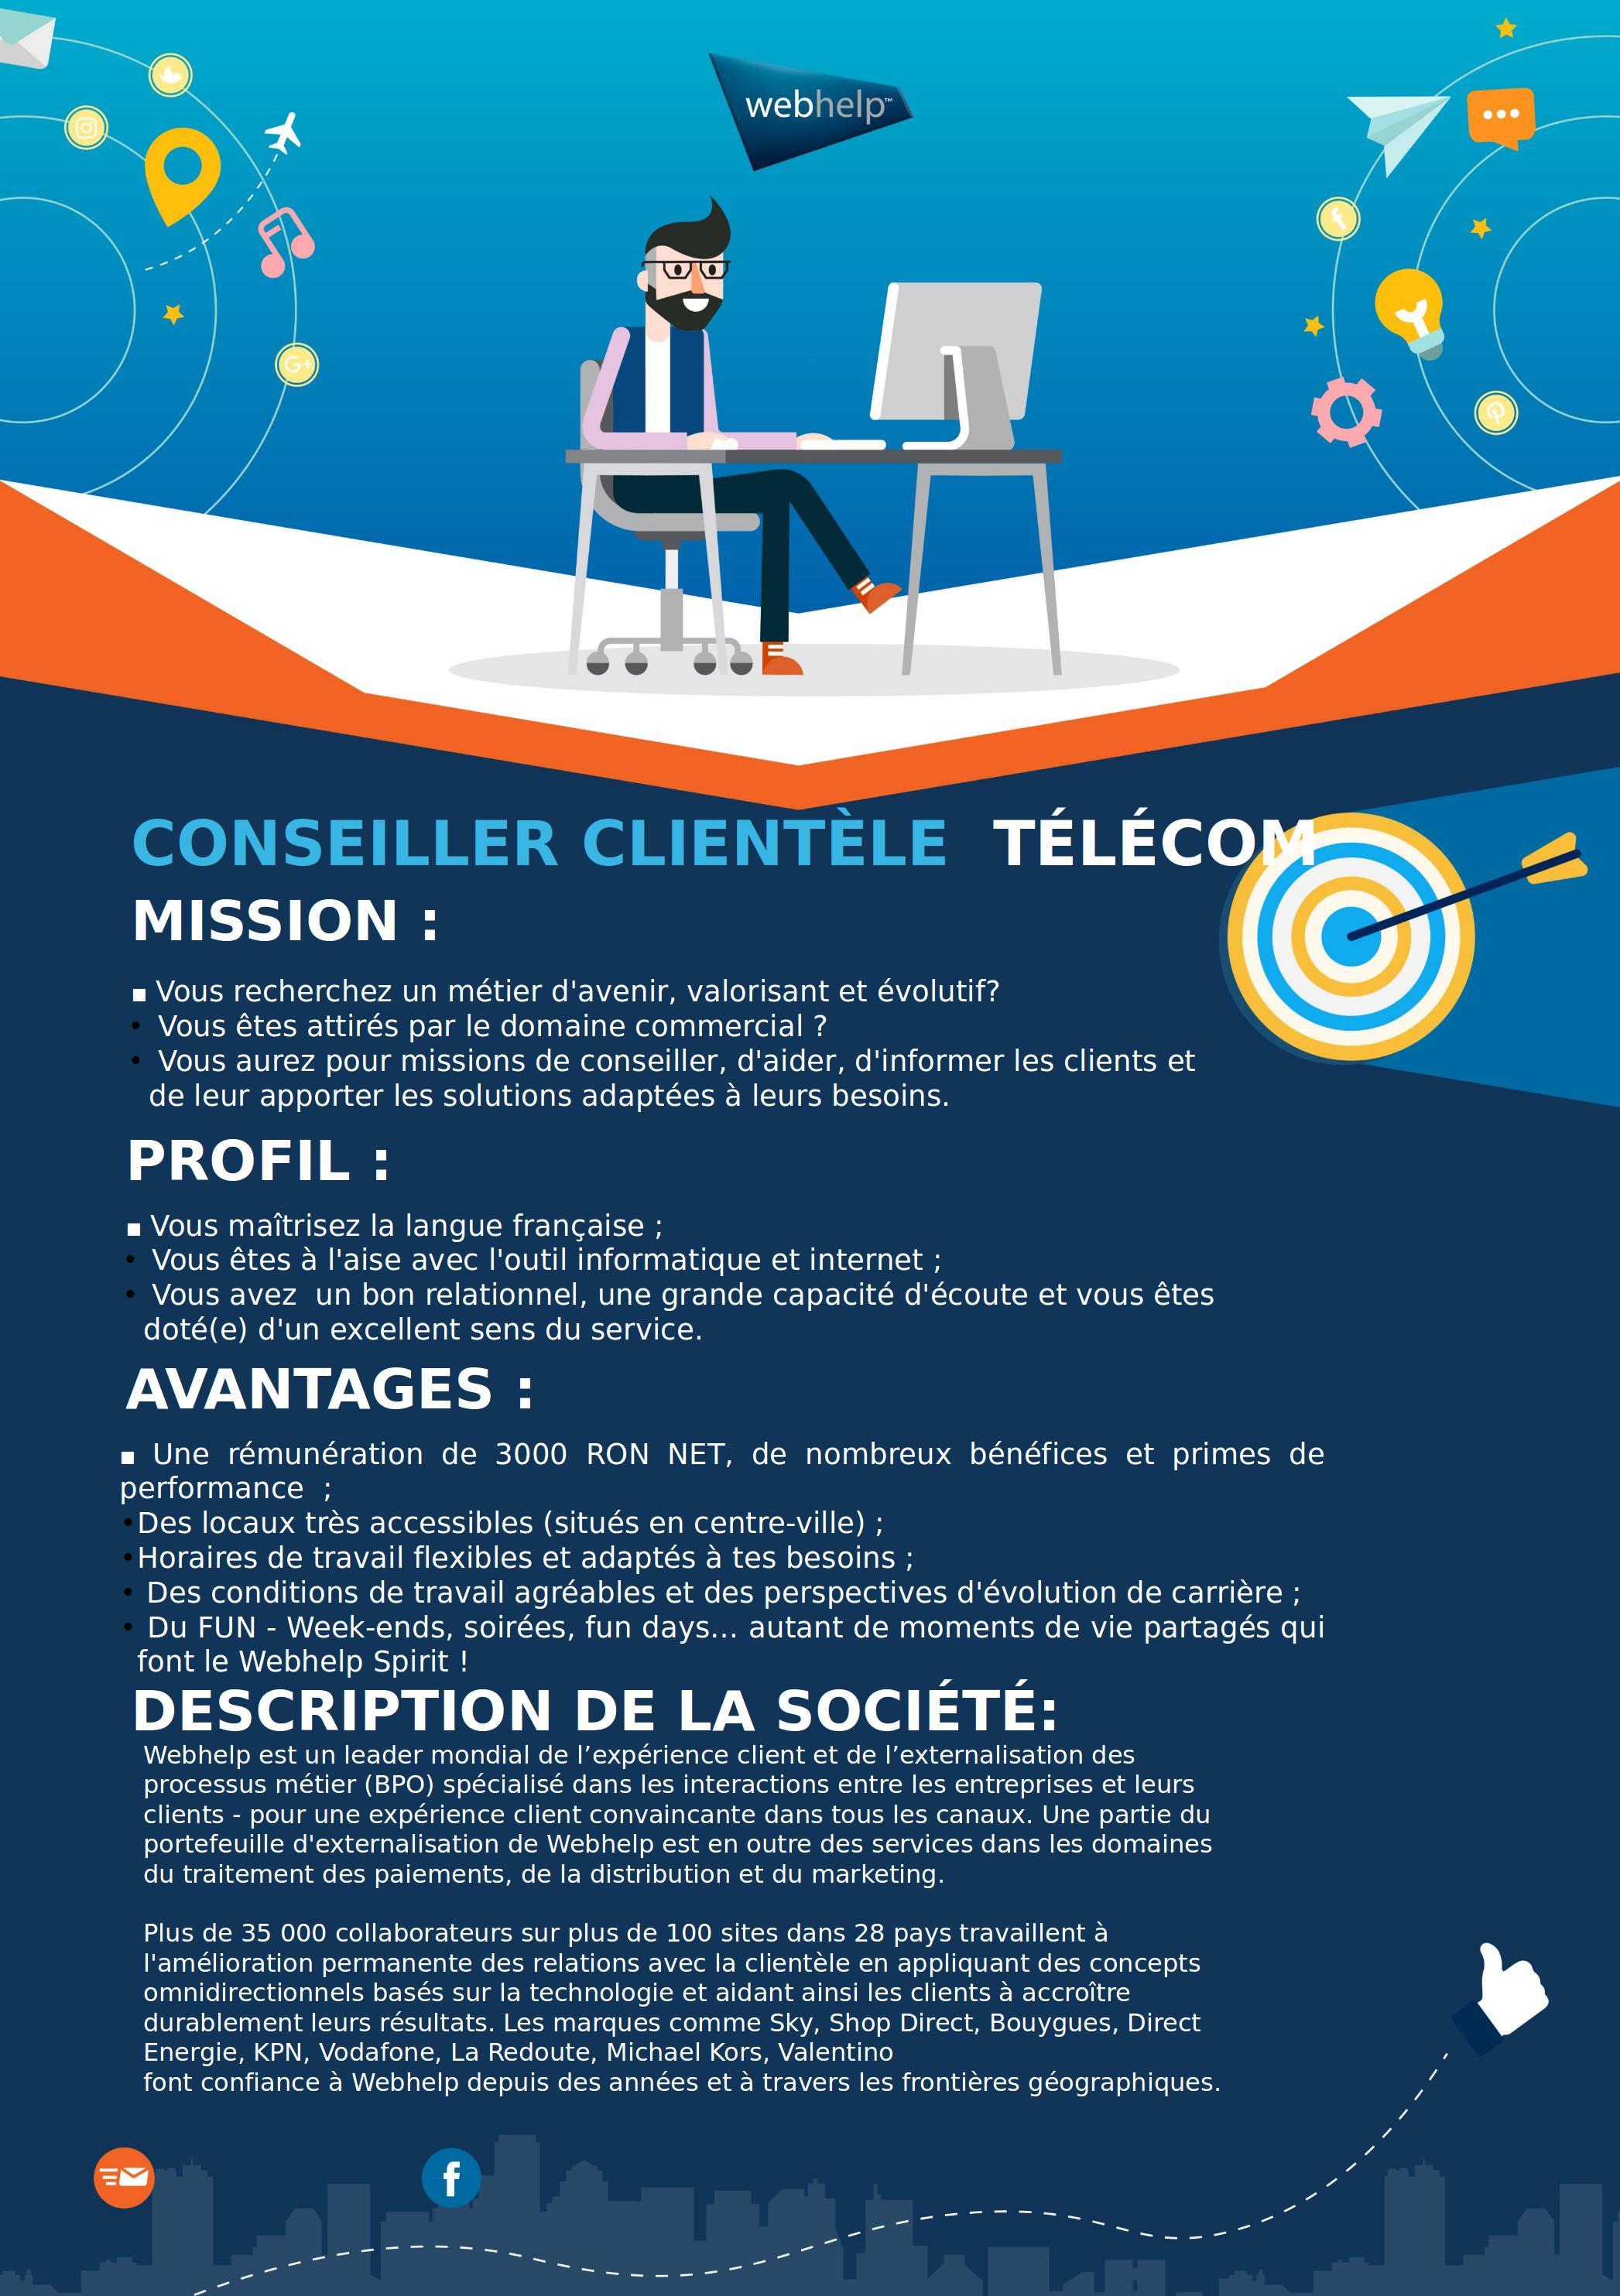 Conseiller clientèle Télécom_FR_Buc